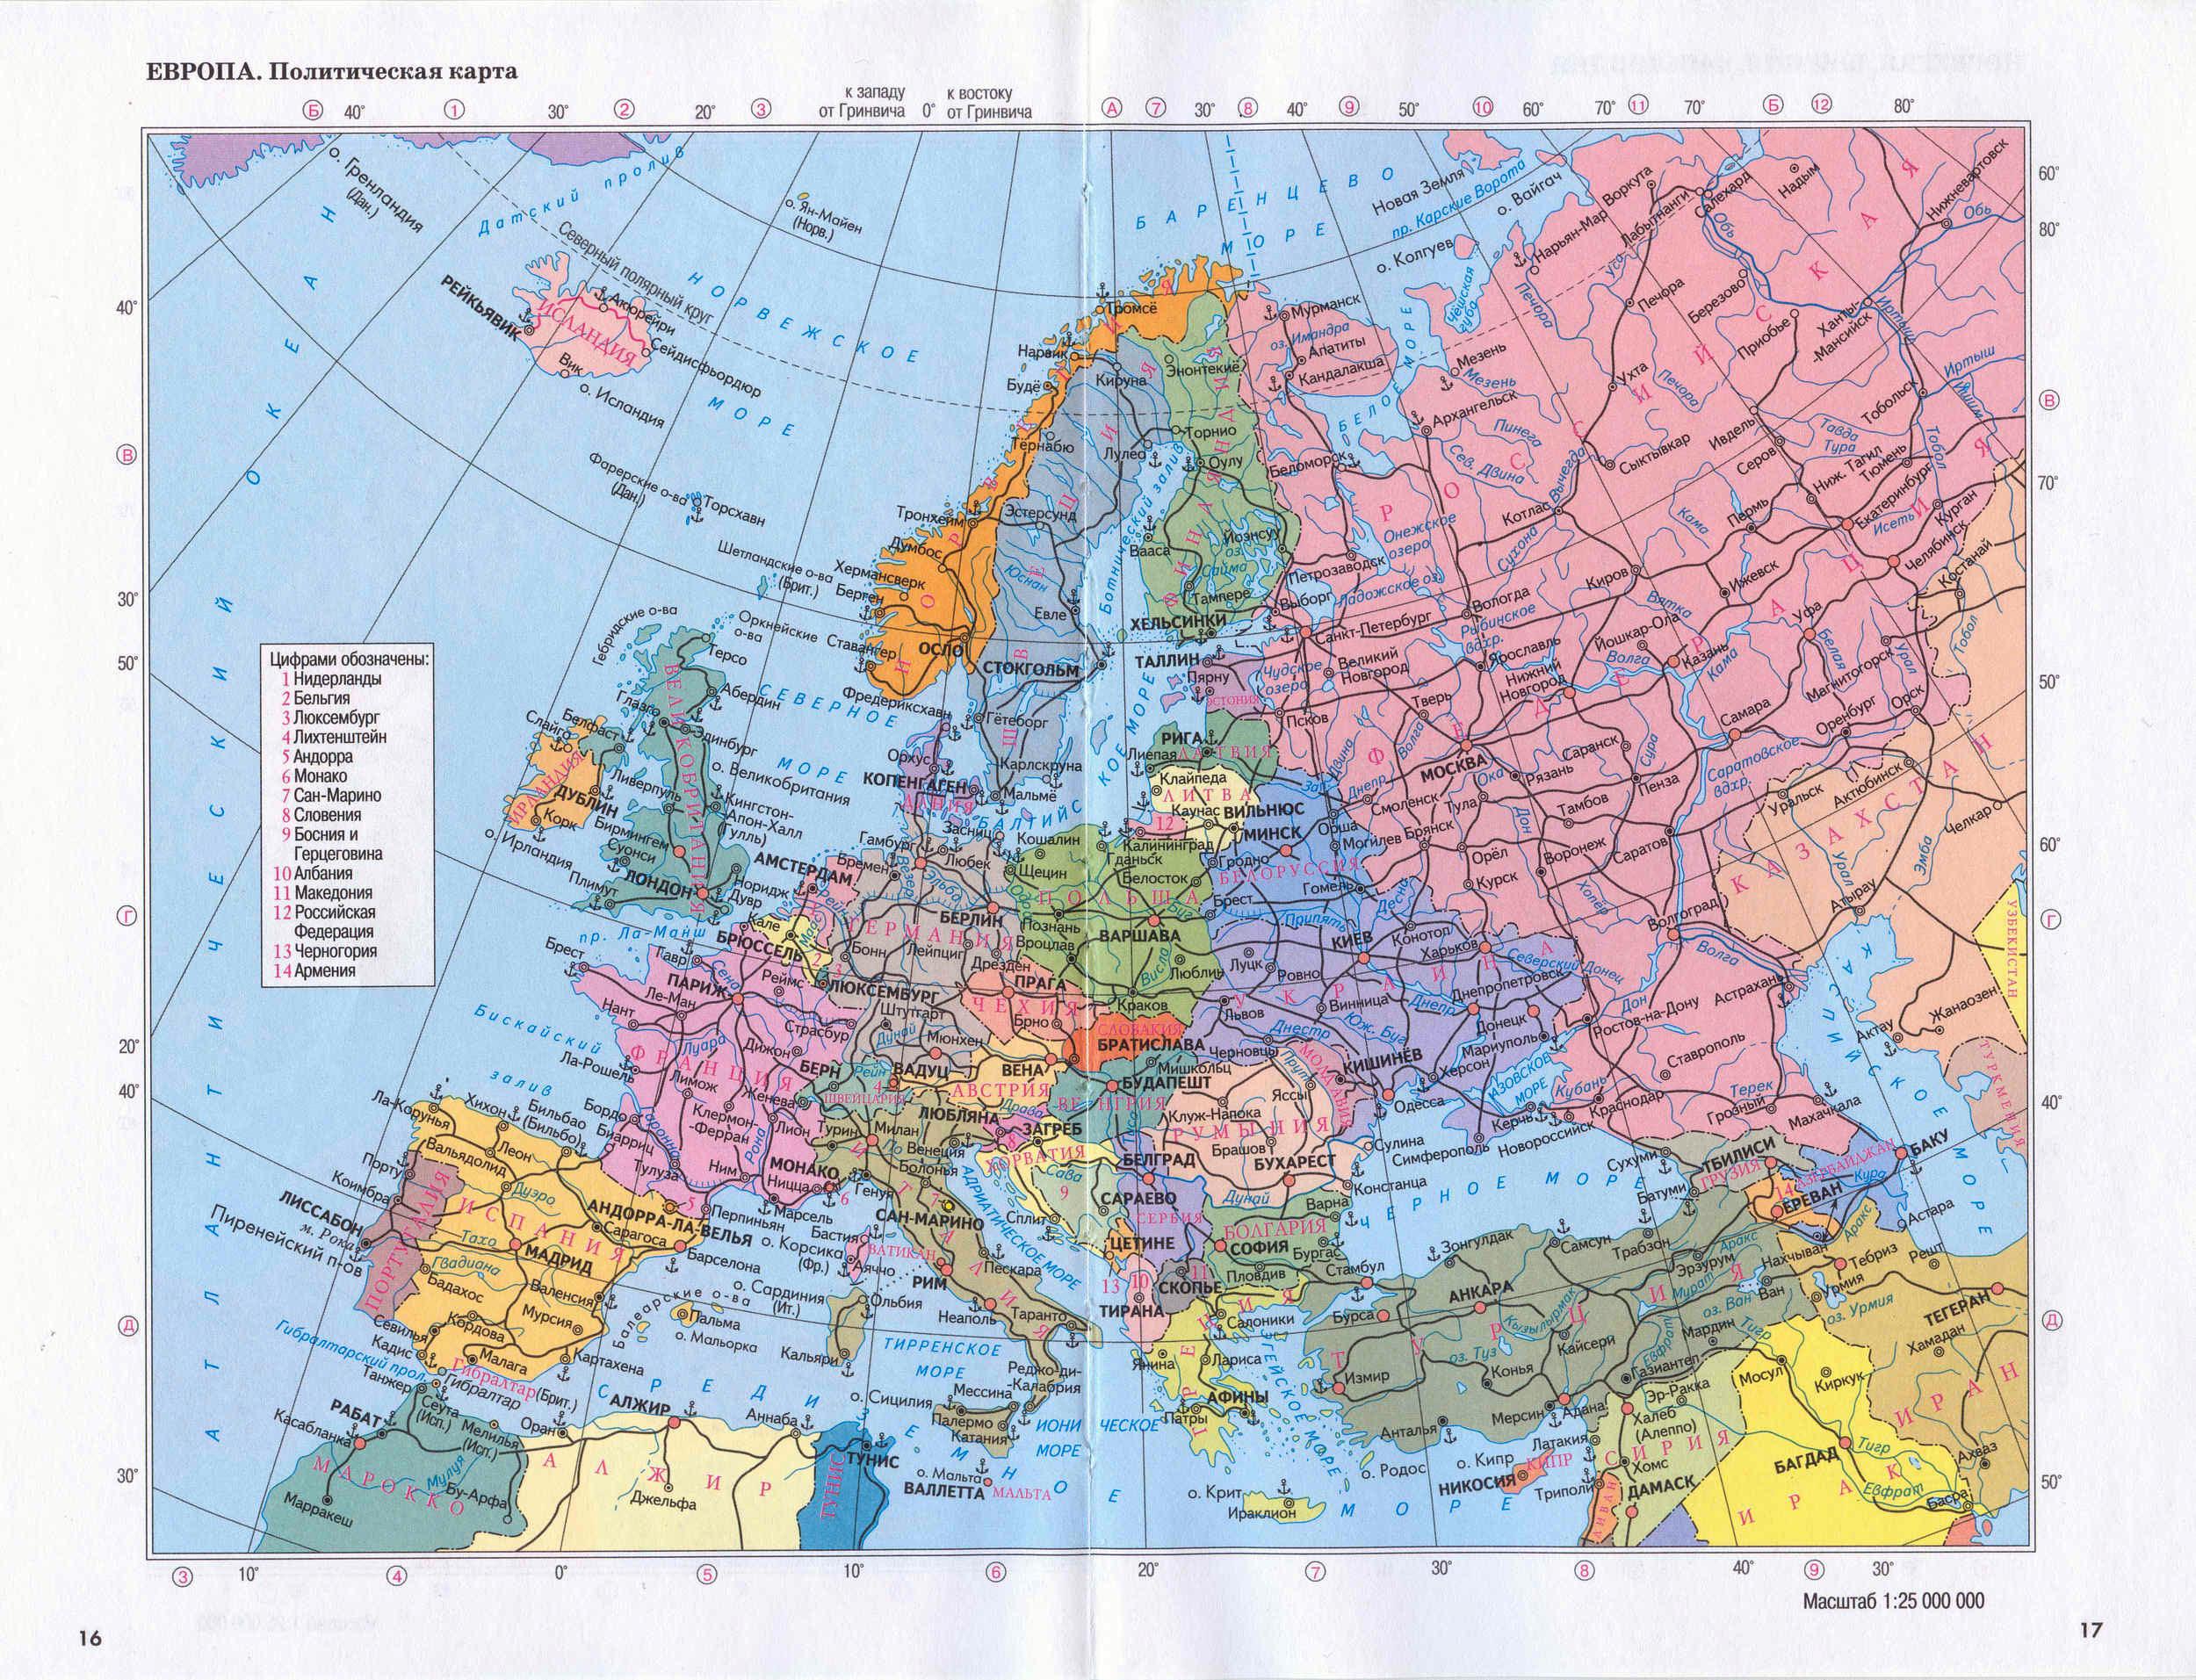 Politicheskaya Karta Evropy Na Russkom Yazyke Podrobnaya Politicheskaya